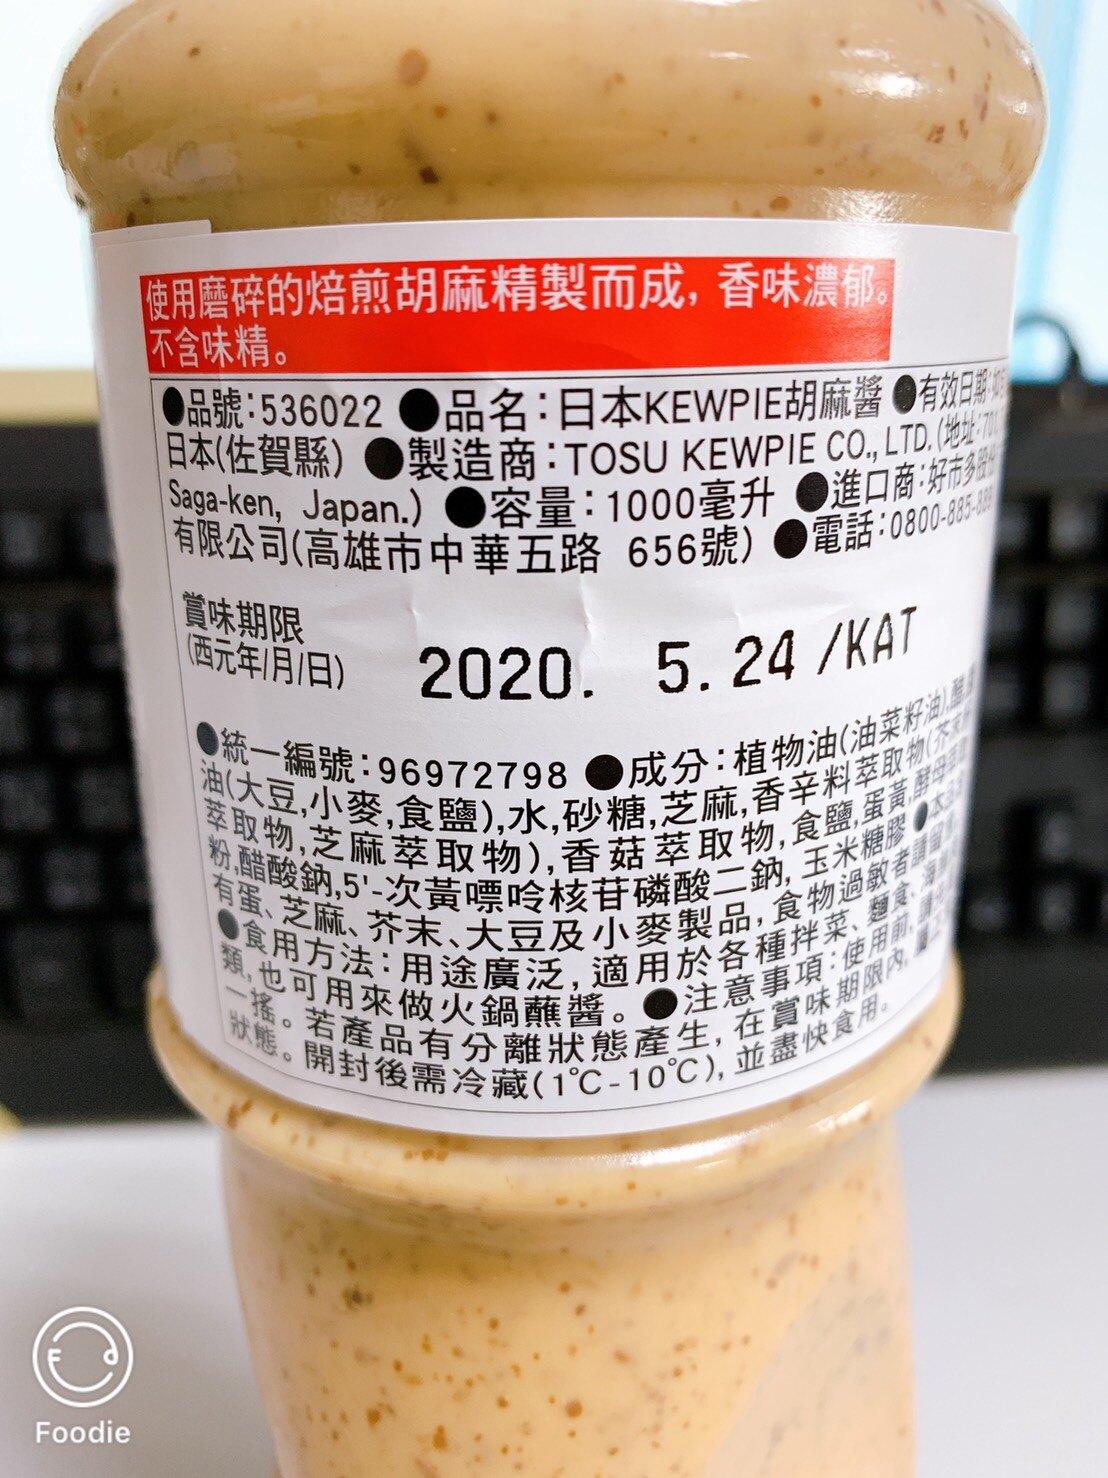 好市多 胡麻醬 焙煎胡麻 日本 KEWPIE 1000ml  沙拉醬 調味醬 超取最多5罐